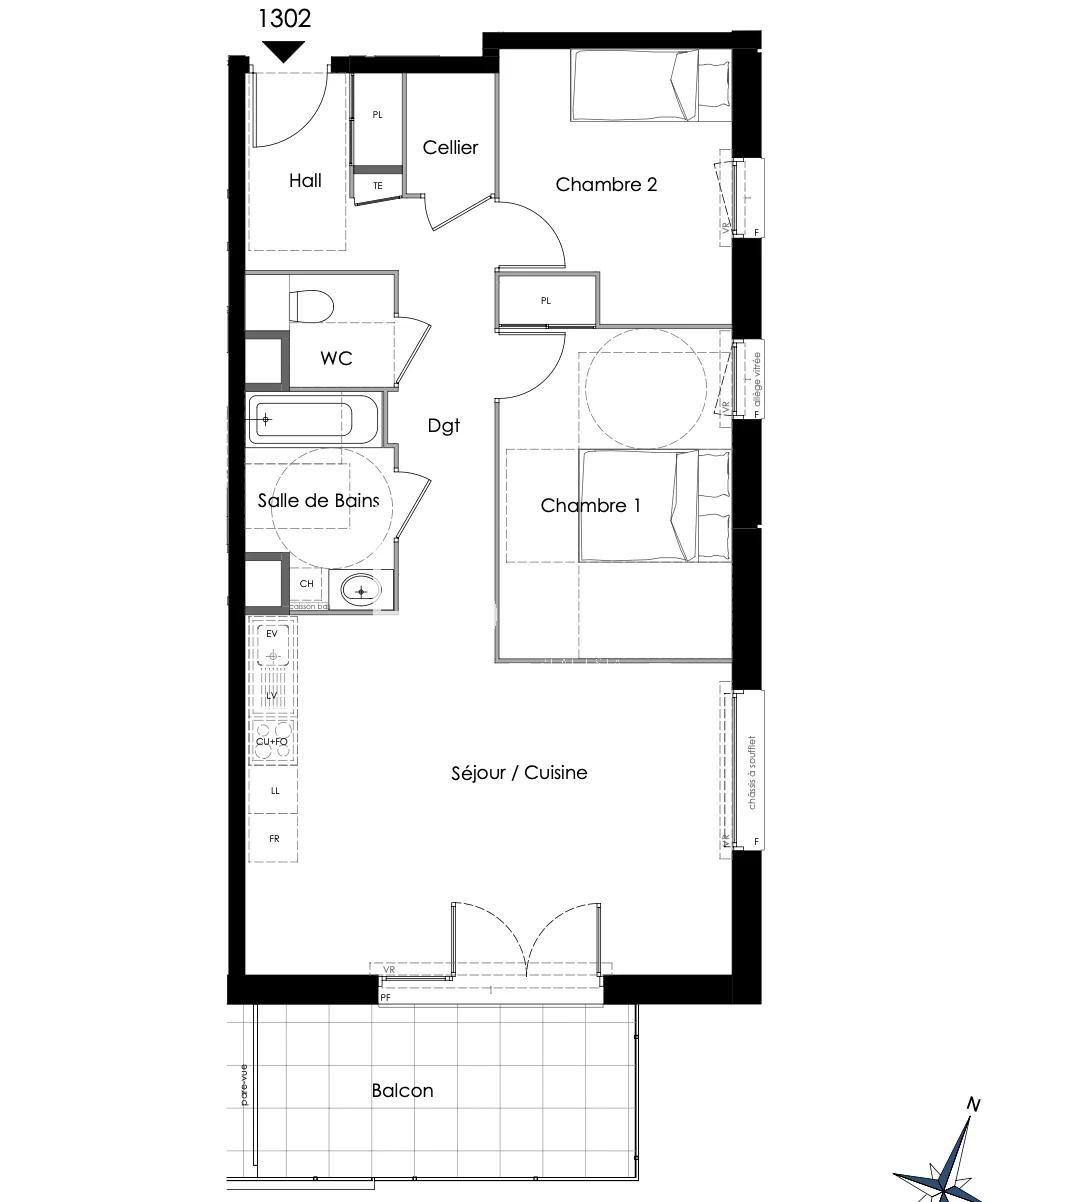 Vente de appartement à La Motte-Servolex au prix de 292000€